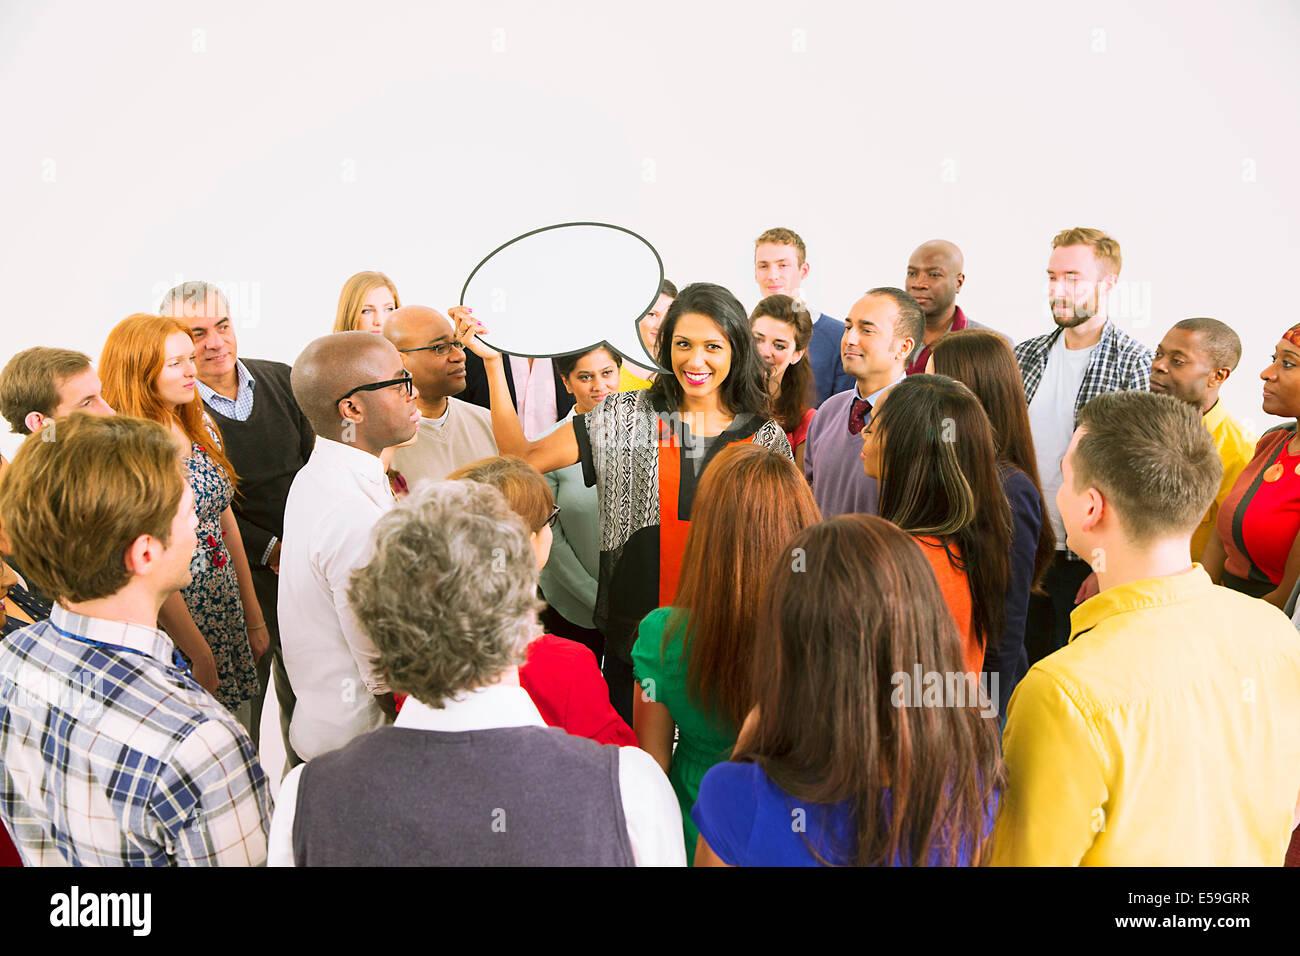 Geschäftsfrau mit Sprechblase in Menge Stockbild